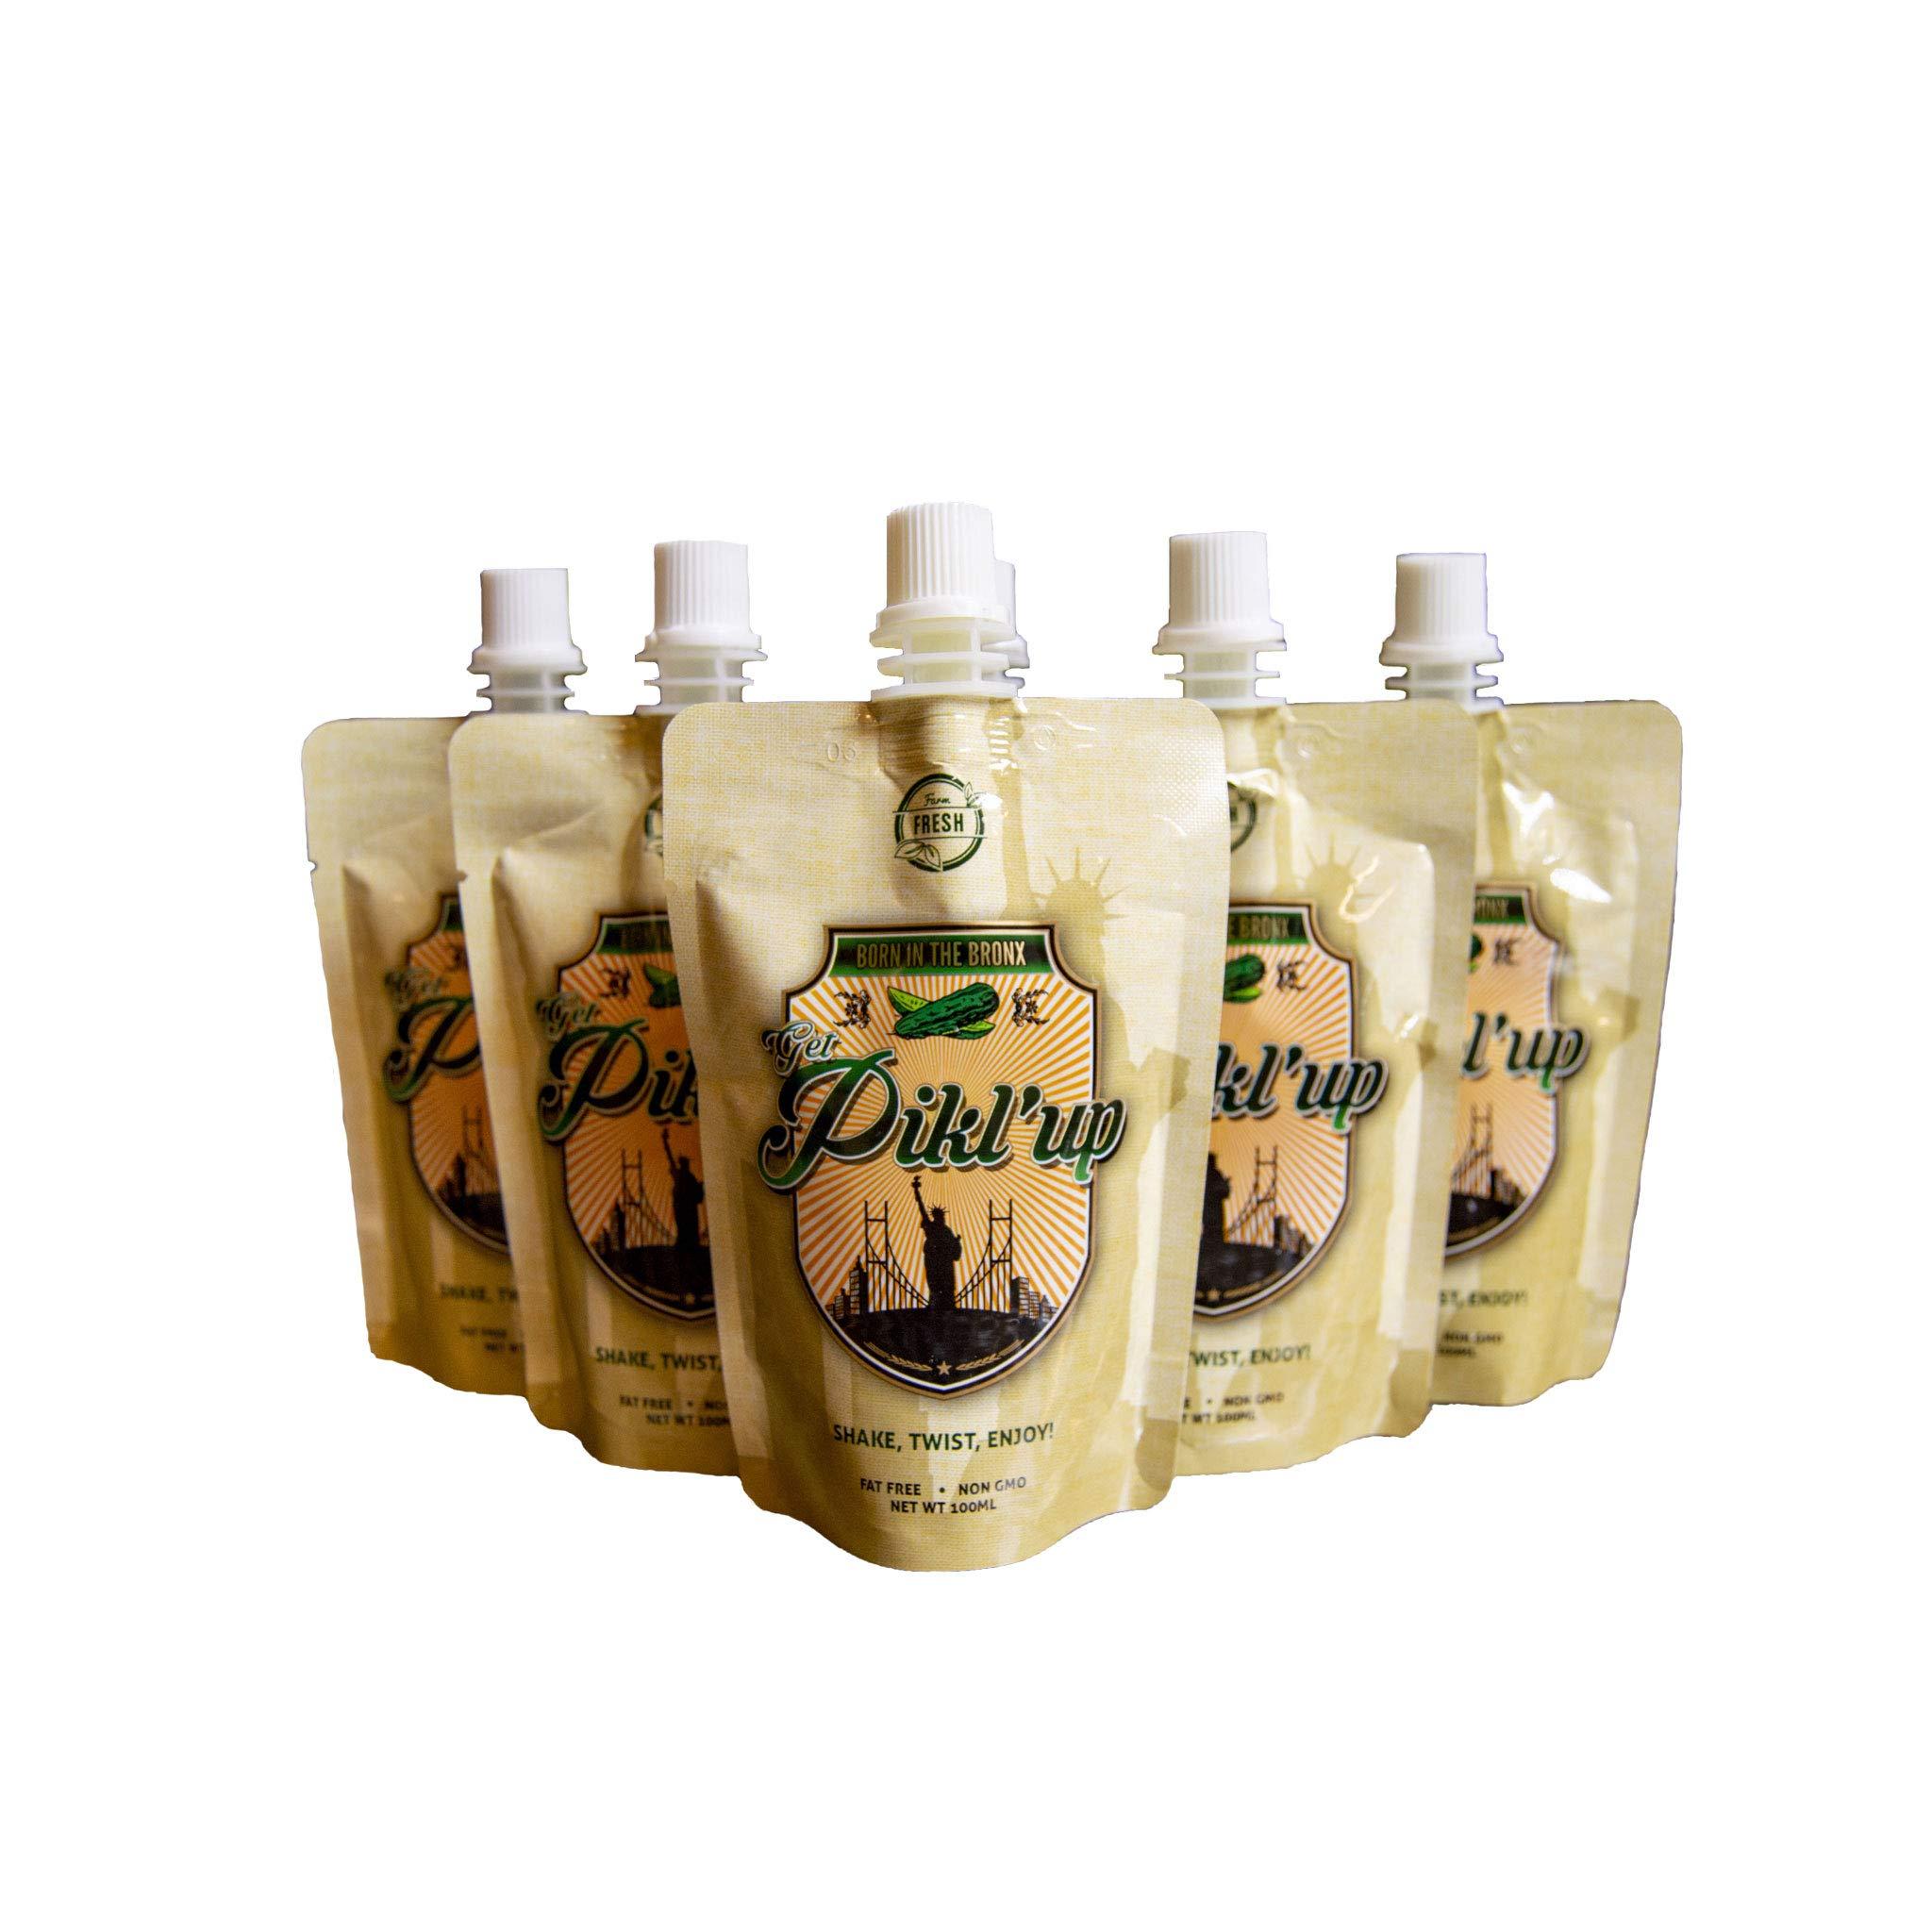 Get Pikl'ed Kosher Dill Pickle Juice Shots for Cramps, Pickle Juice Sports Drink, Pickle Power Juice, Extra Strength Pickle Juice Shots, Pickle Brine Juice, Pickle Juice Chaser, 3.4 Fl Oz - 6 pack